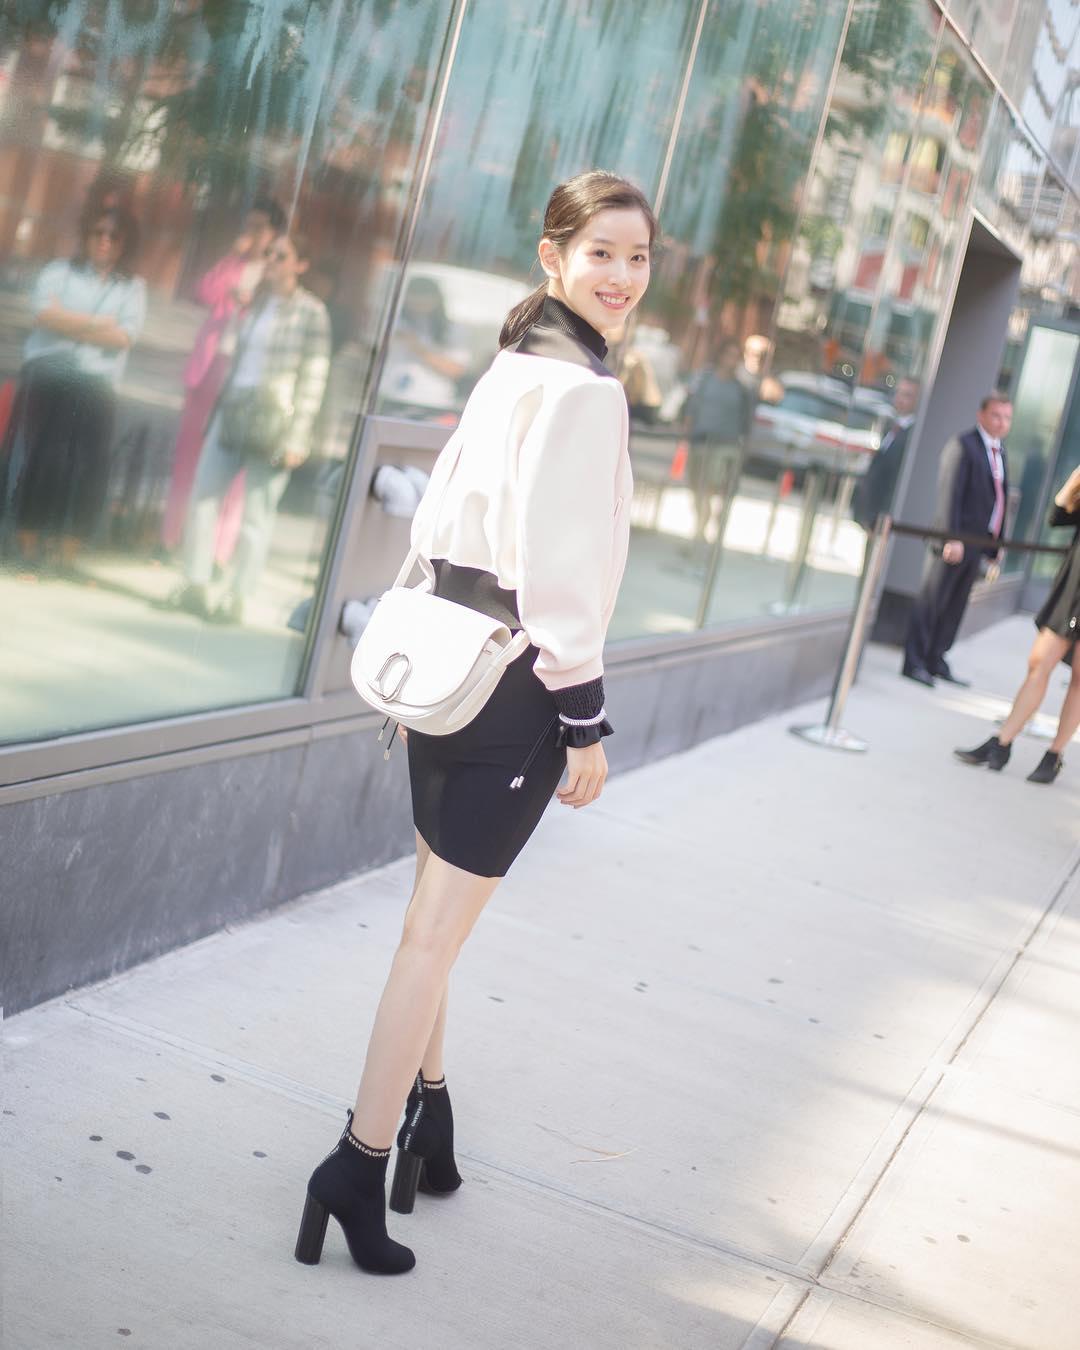 Từ khi lấy chống, hot girl trà sữa Chương Chiết Thiên liên tục diện đồ hiệu, dự sự kiện thời trang danh tiếng - Ảnh 6.